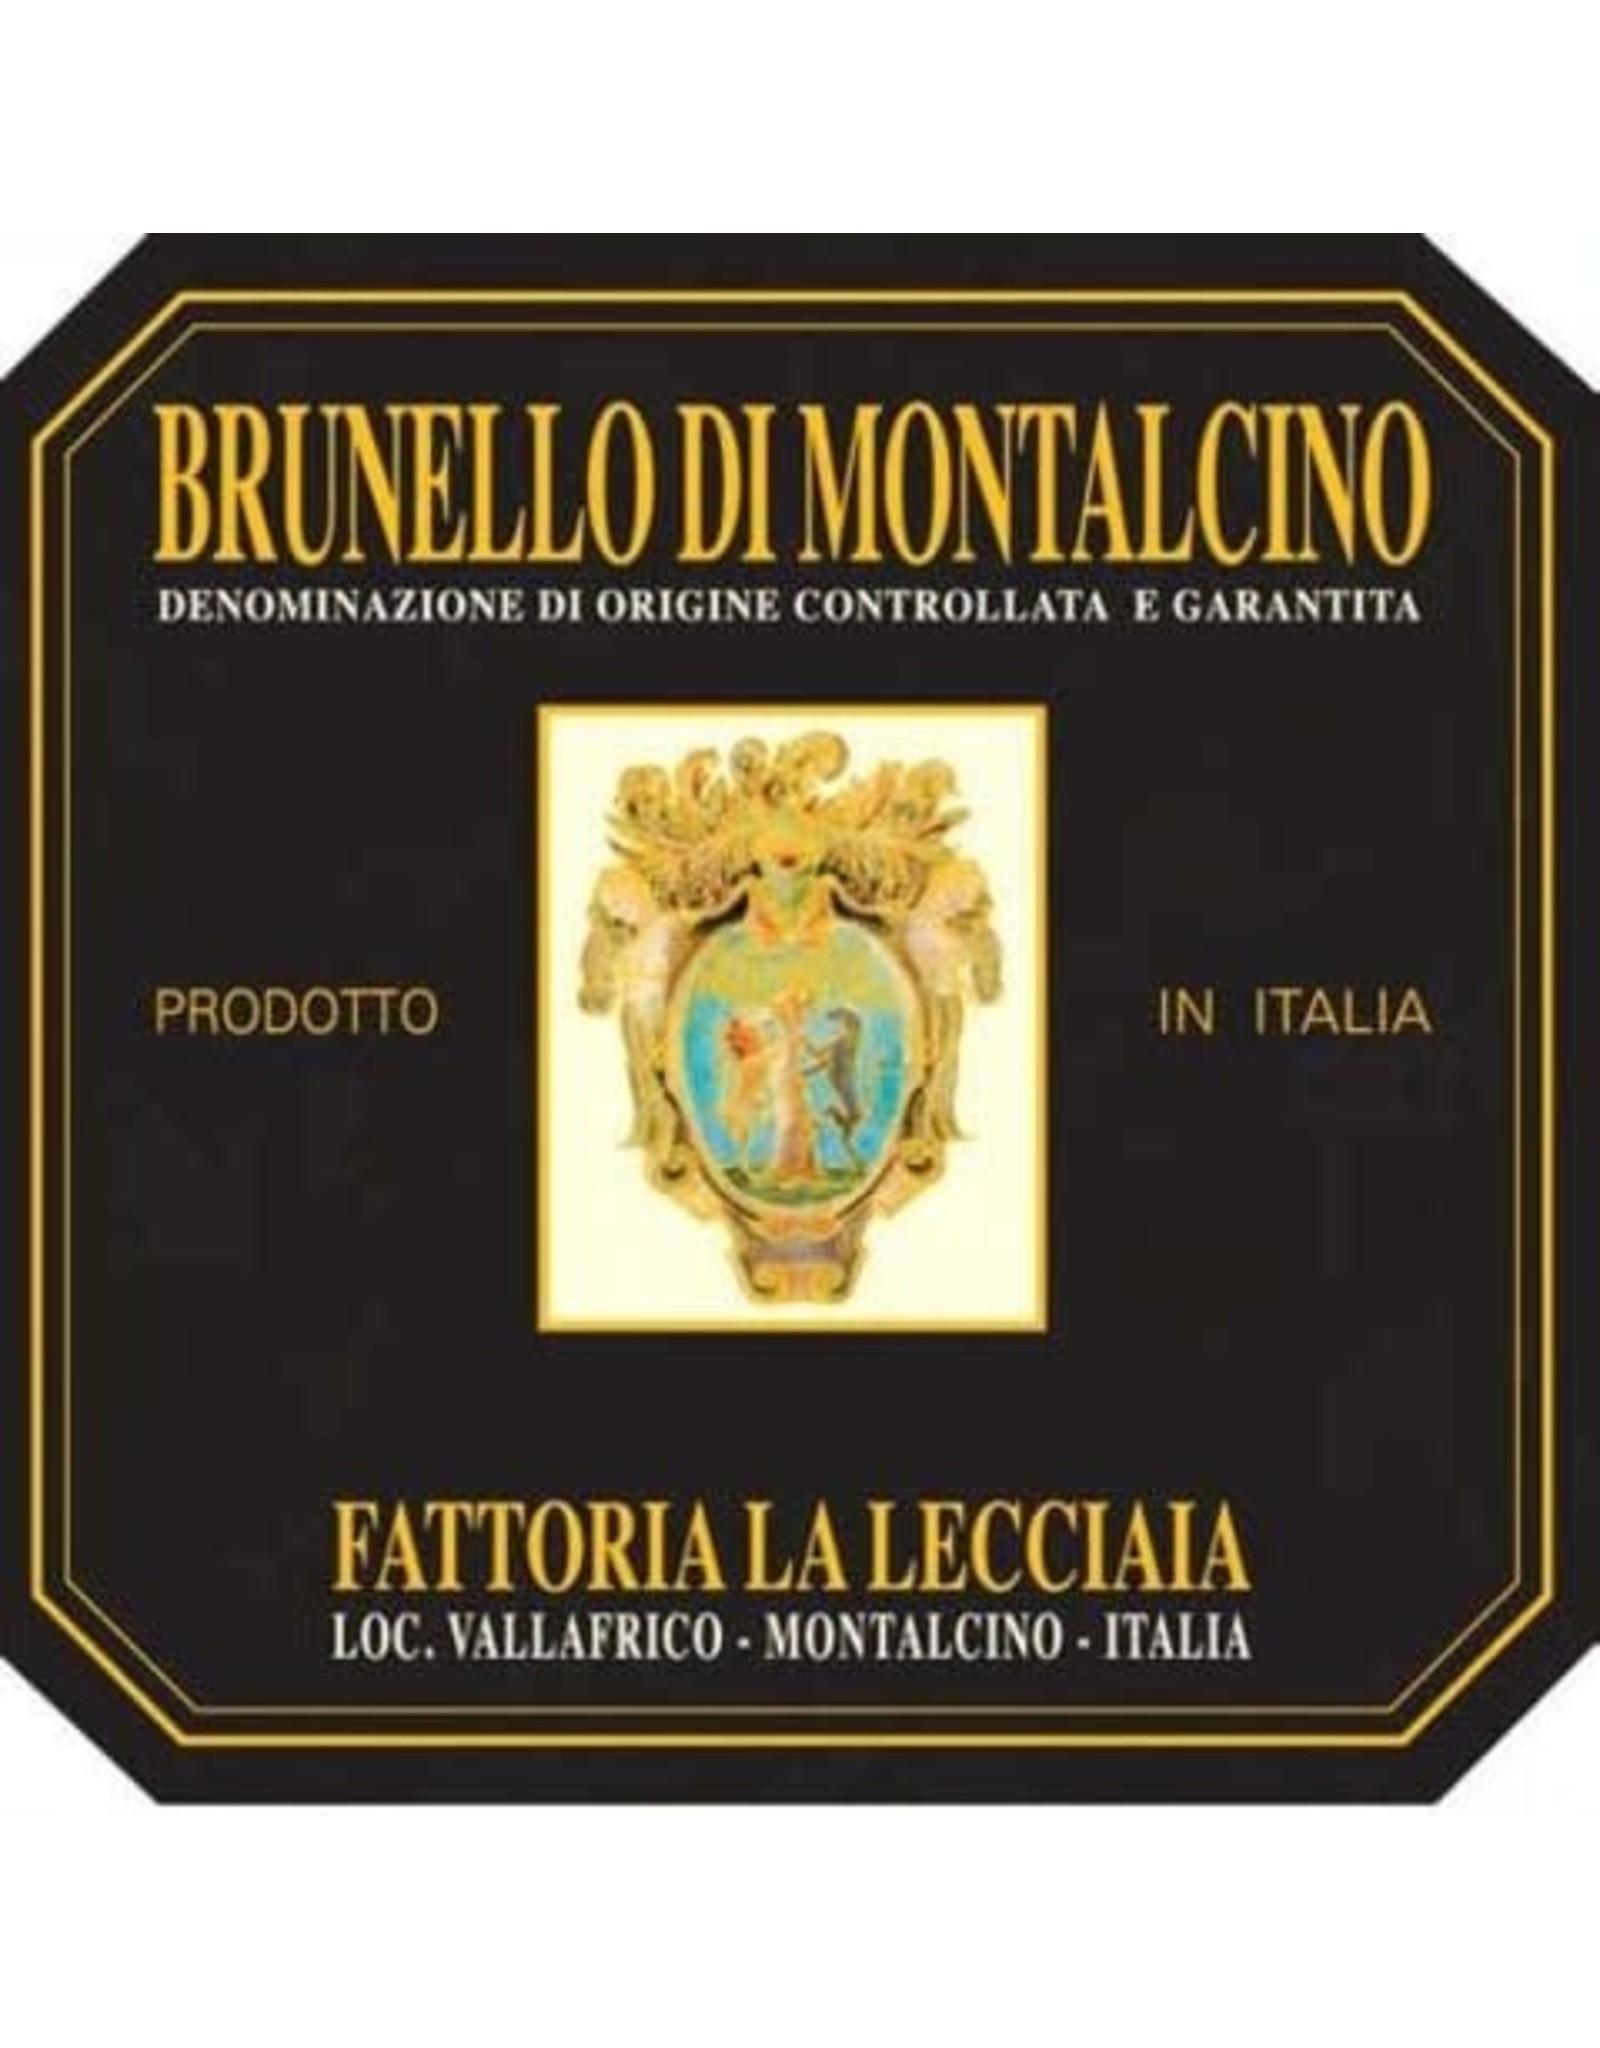 La Lecciaia La Lecciaia Brunello di Montalcino 2015